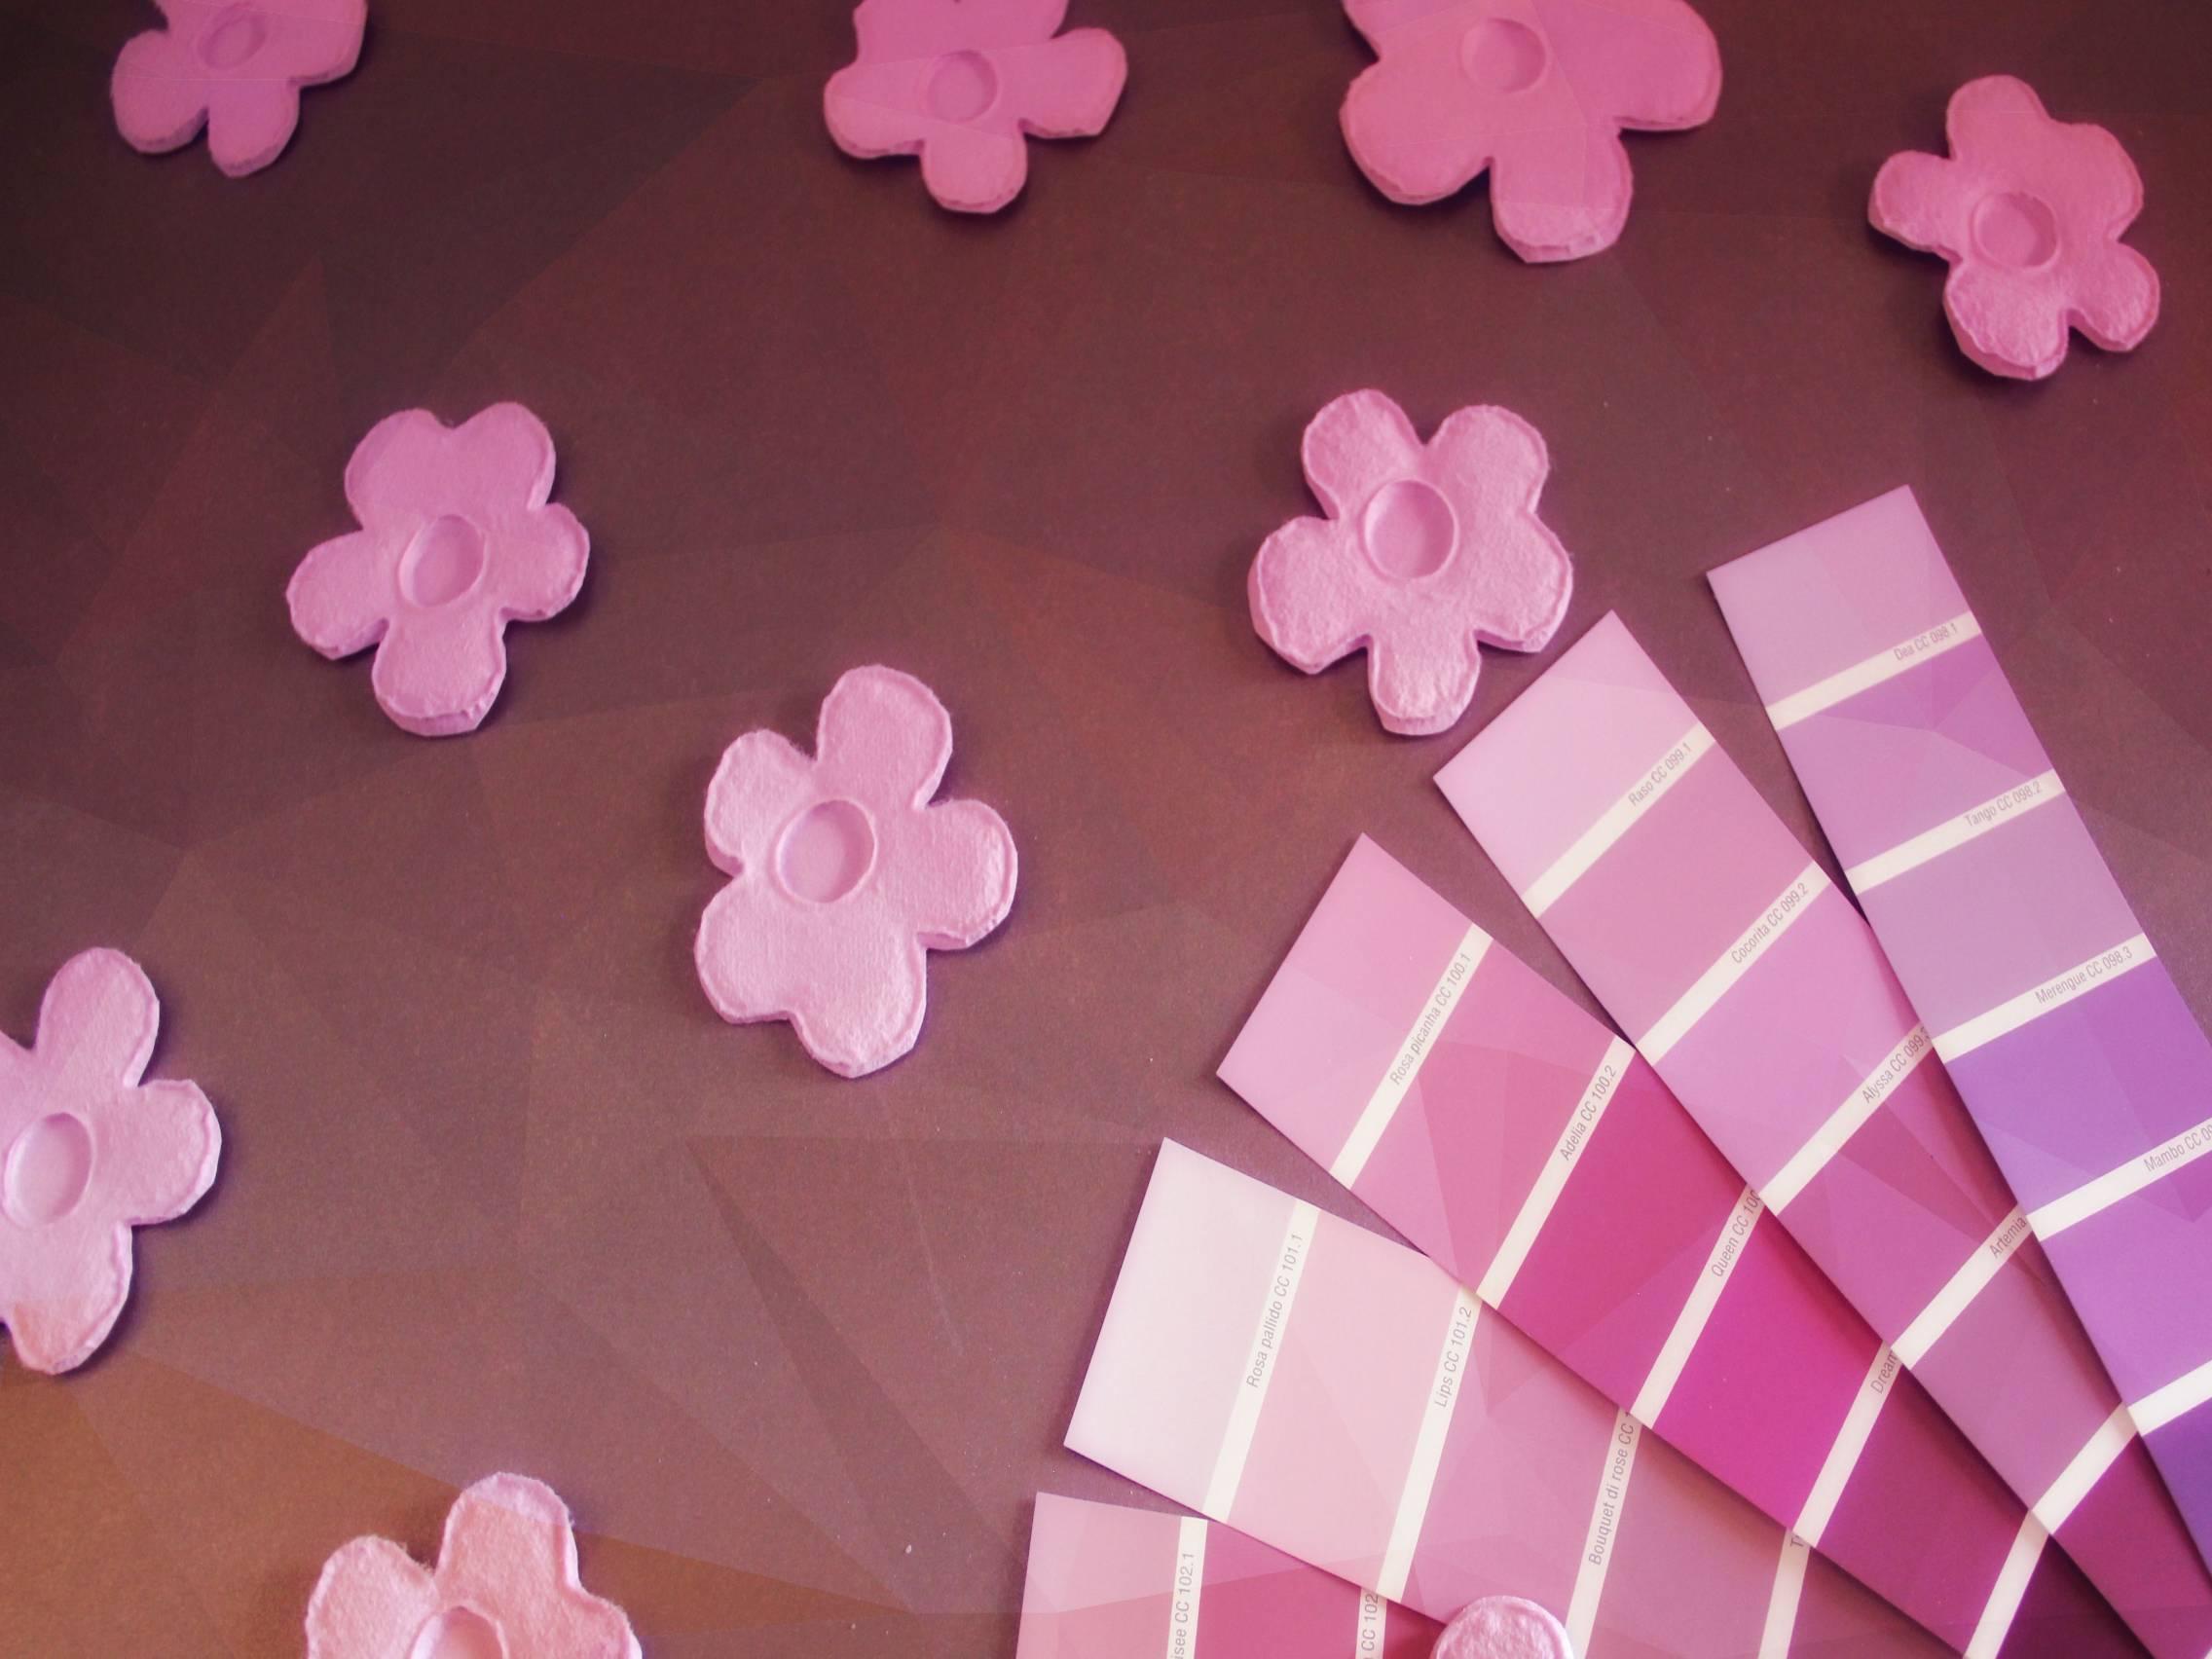 La coloratrice_palette immagini viola